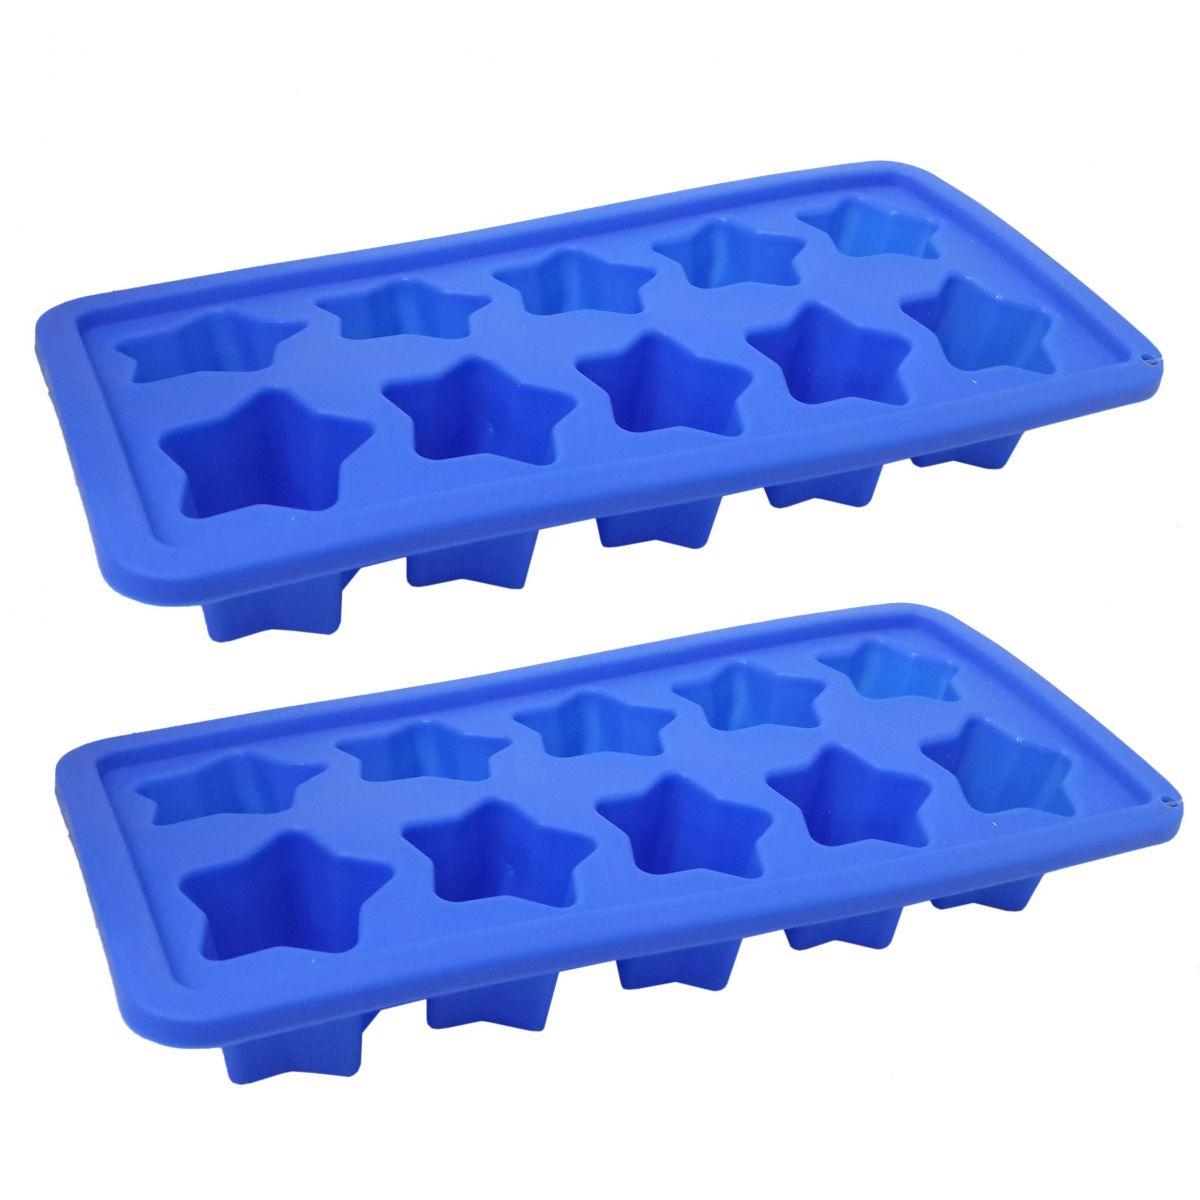 Kit Com 2 Formas De Gelo Estilo Estrela Para Cozinha Em Silicone Azul (sili-20)